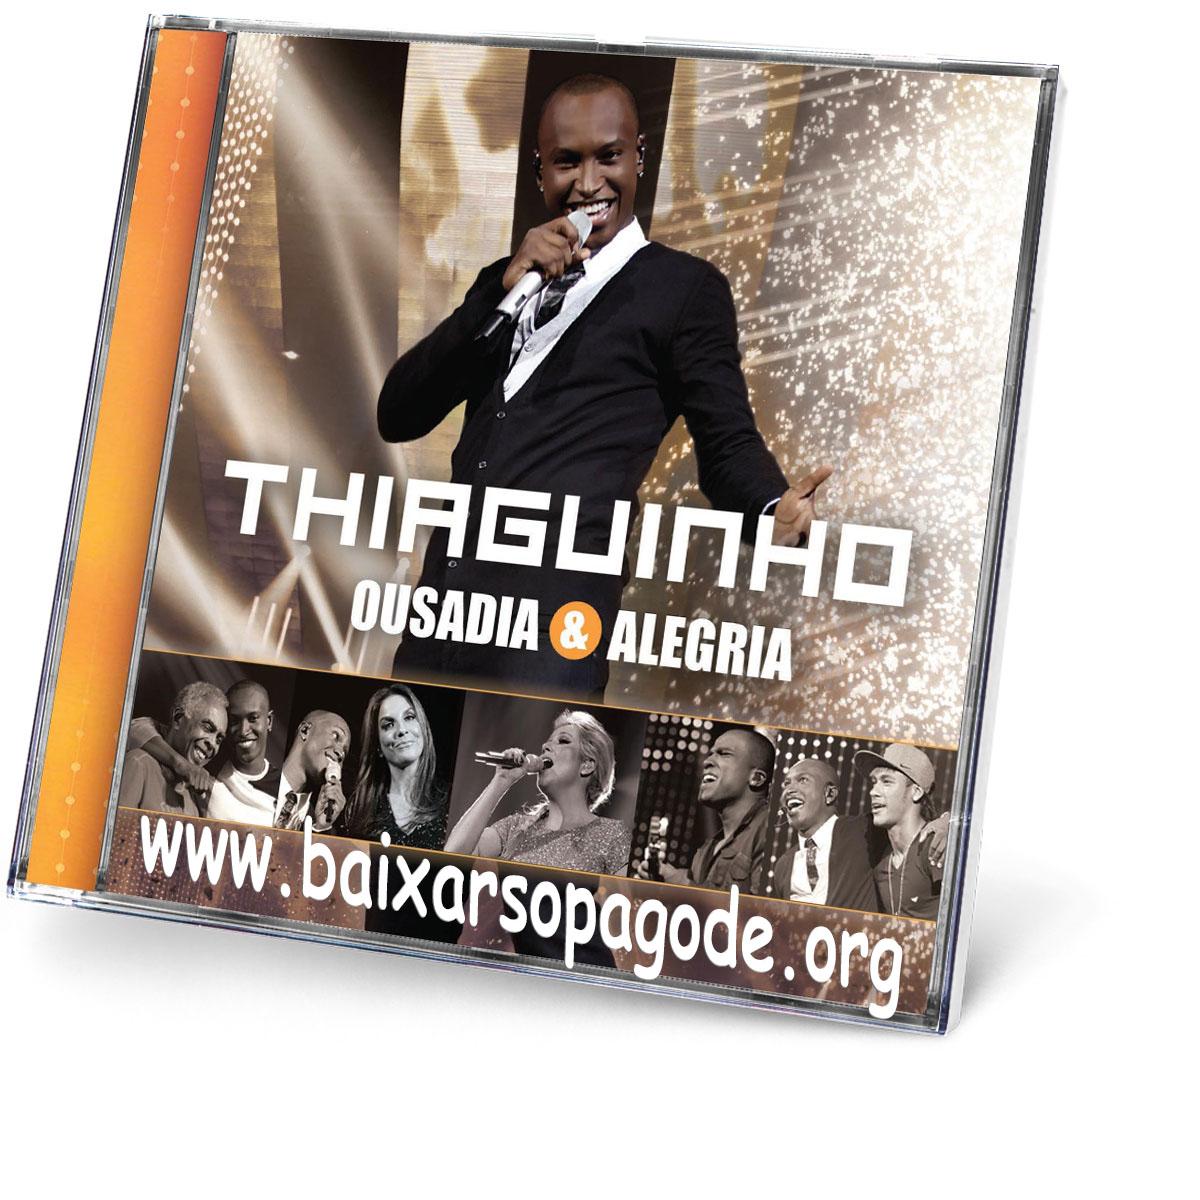 Thiaguinho - Ousadia & Alegria (2012)